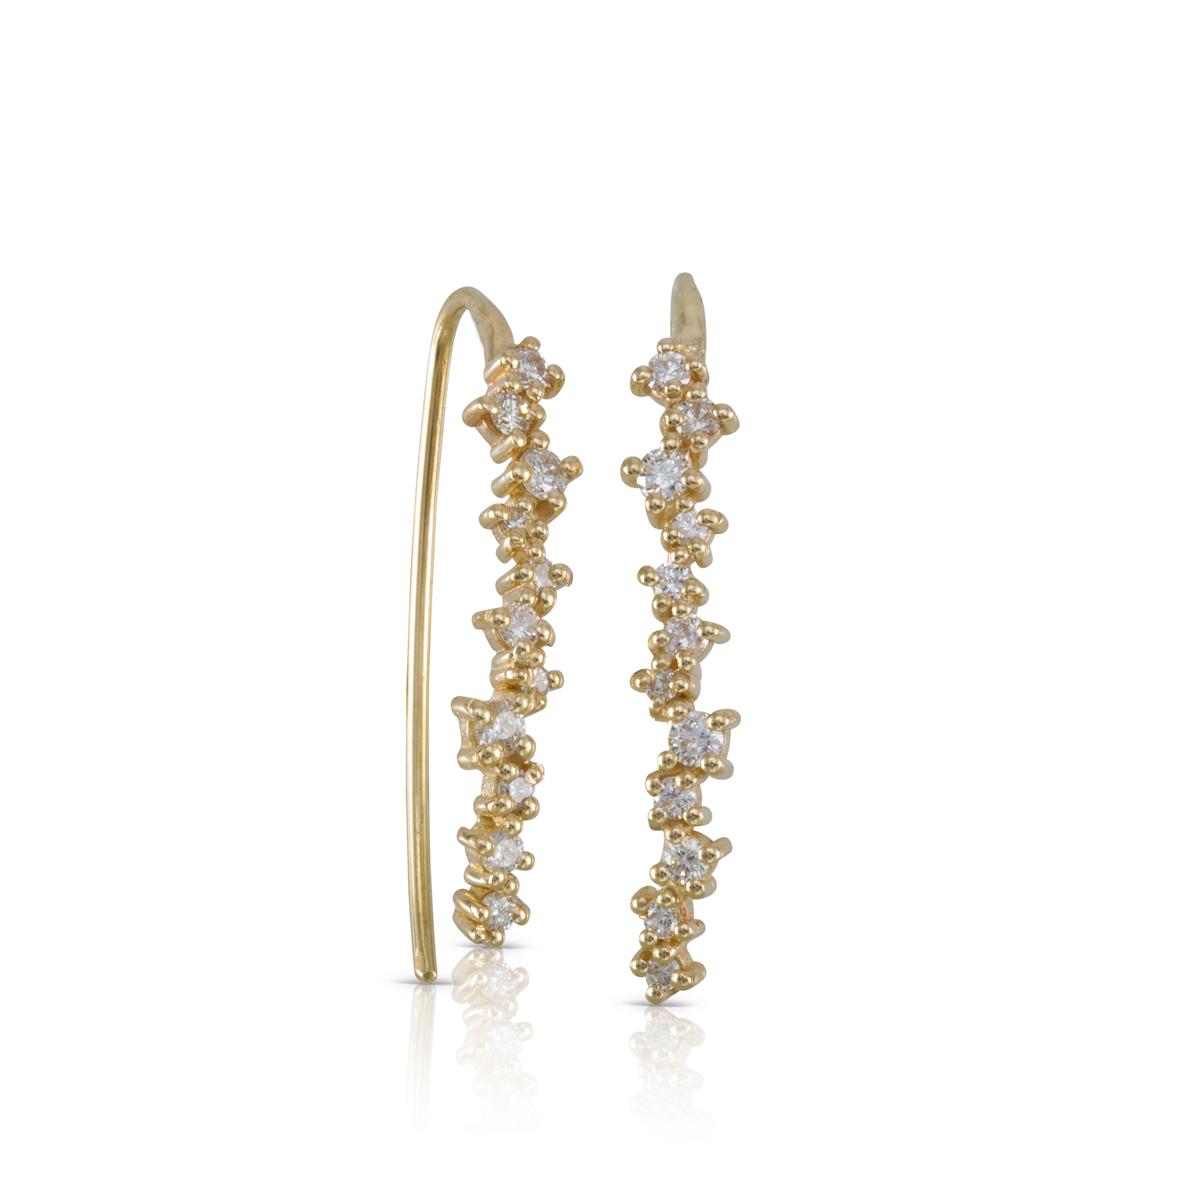 עגילי זהב ארוכים משובצים יהלומים בגדלים משתנים